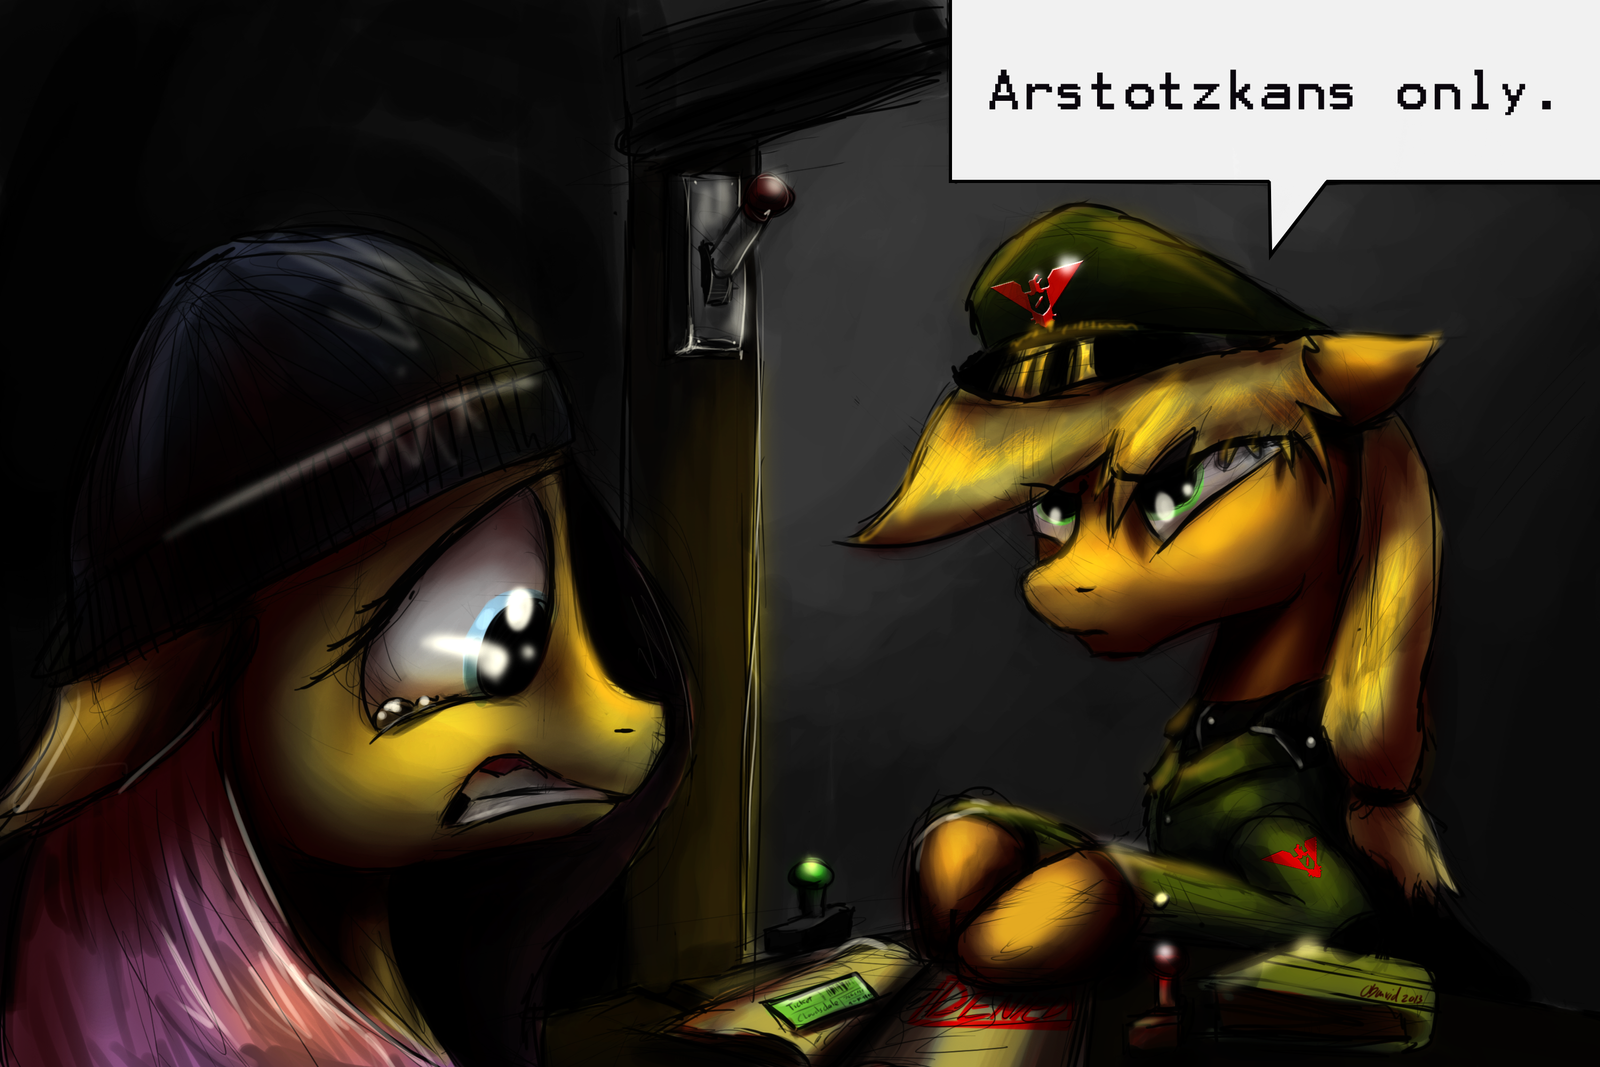 Glory To Arstotzka! by duh-veed on DeviantArt